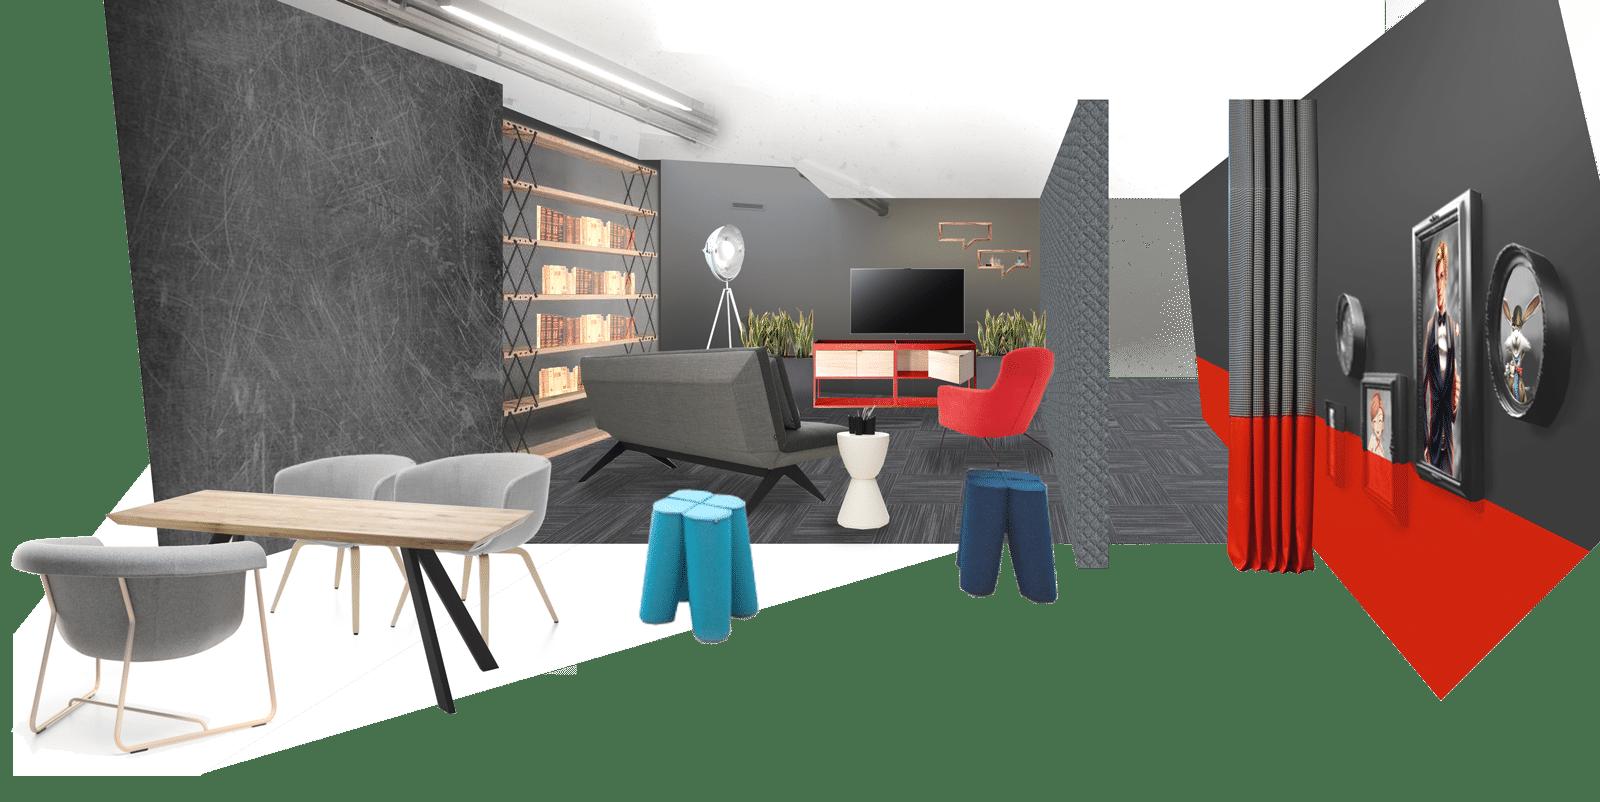 Przykład rozwiązania wnętrza game roomu wbiurze informatycznym